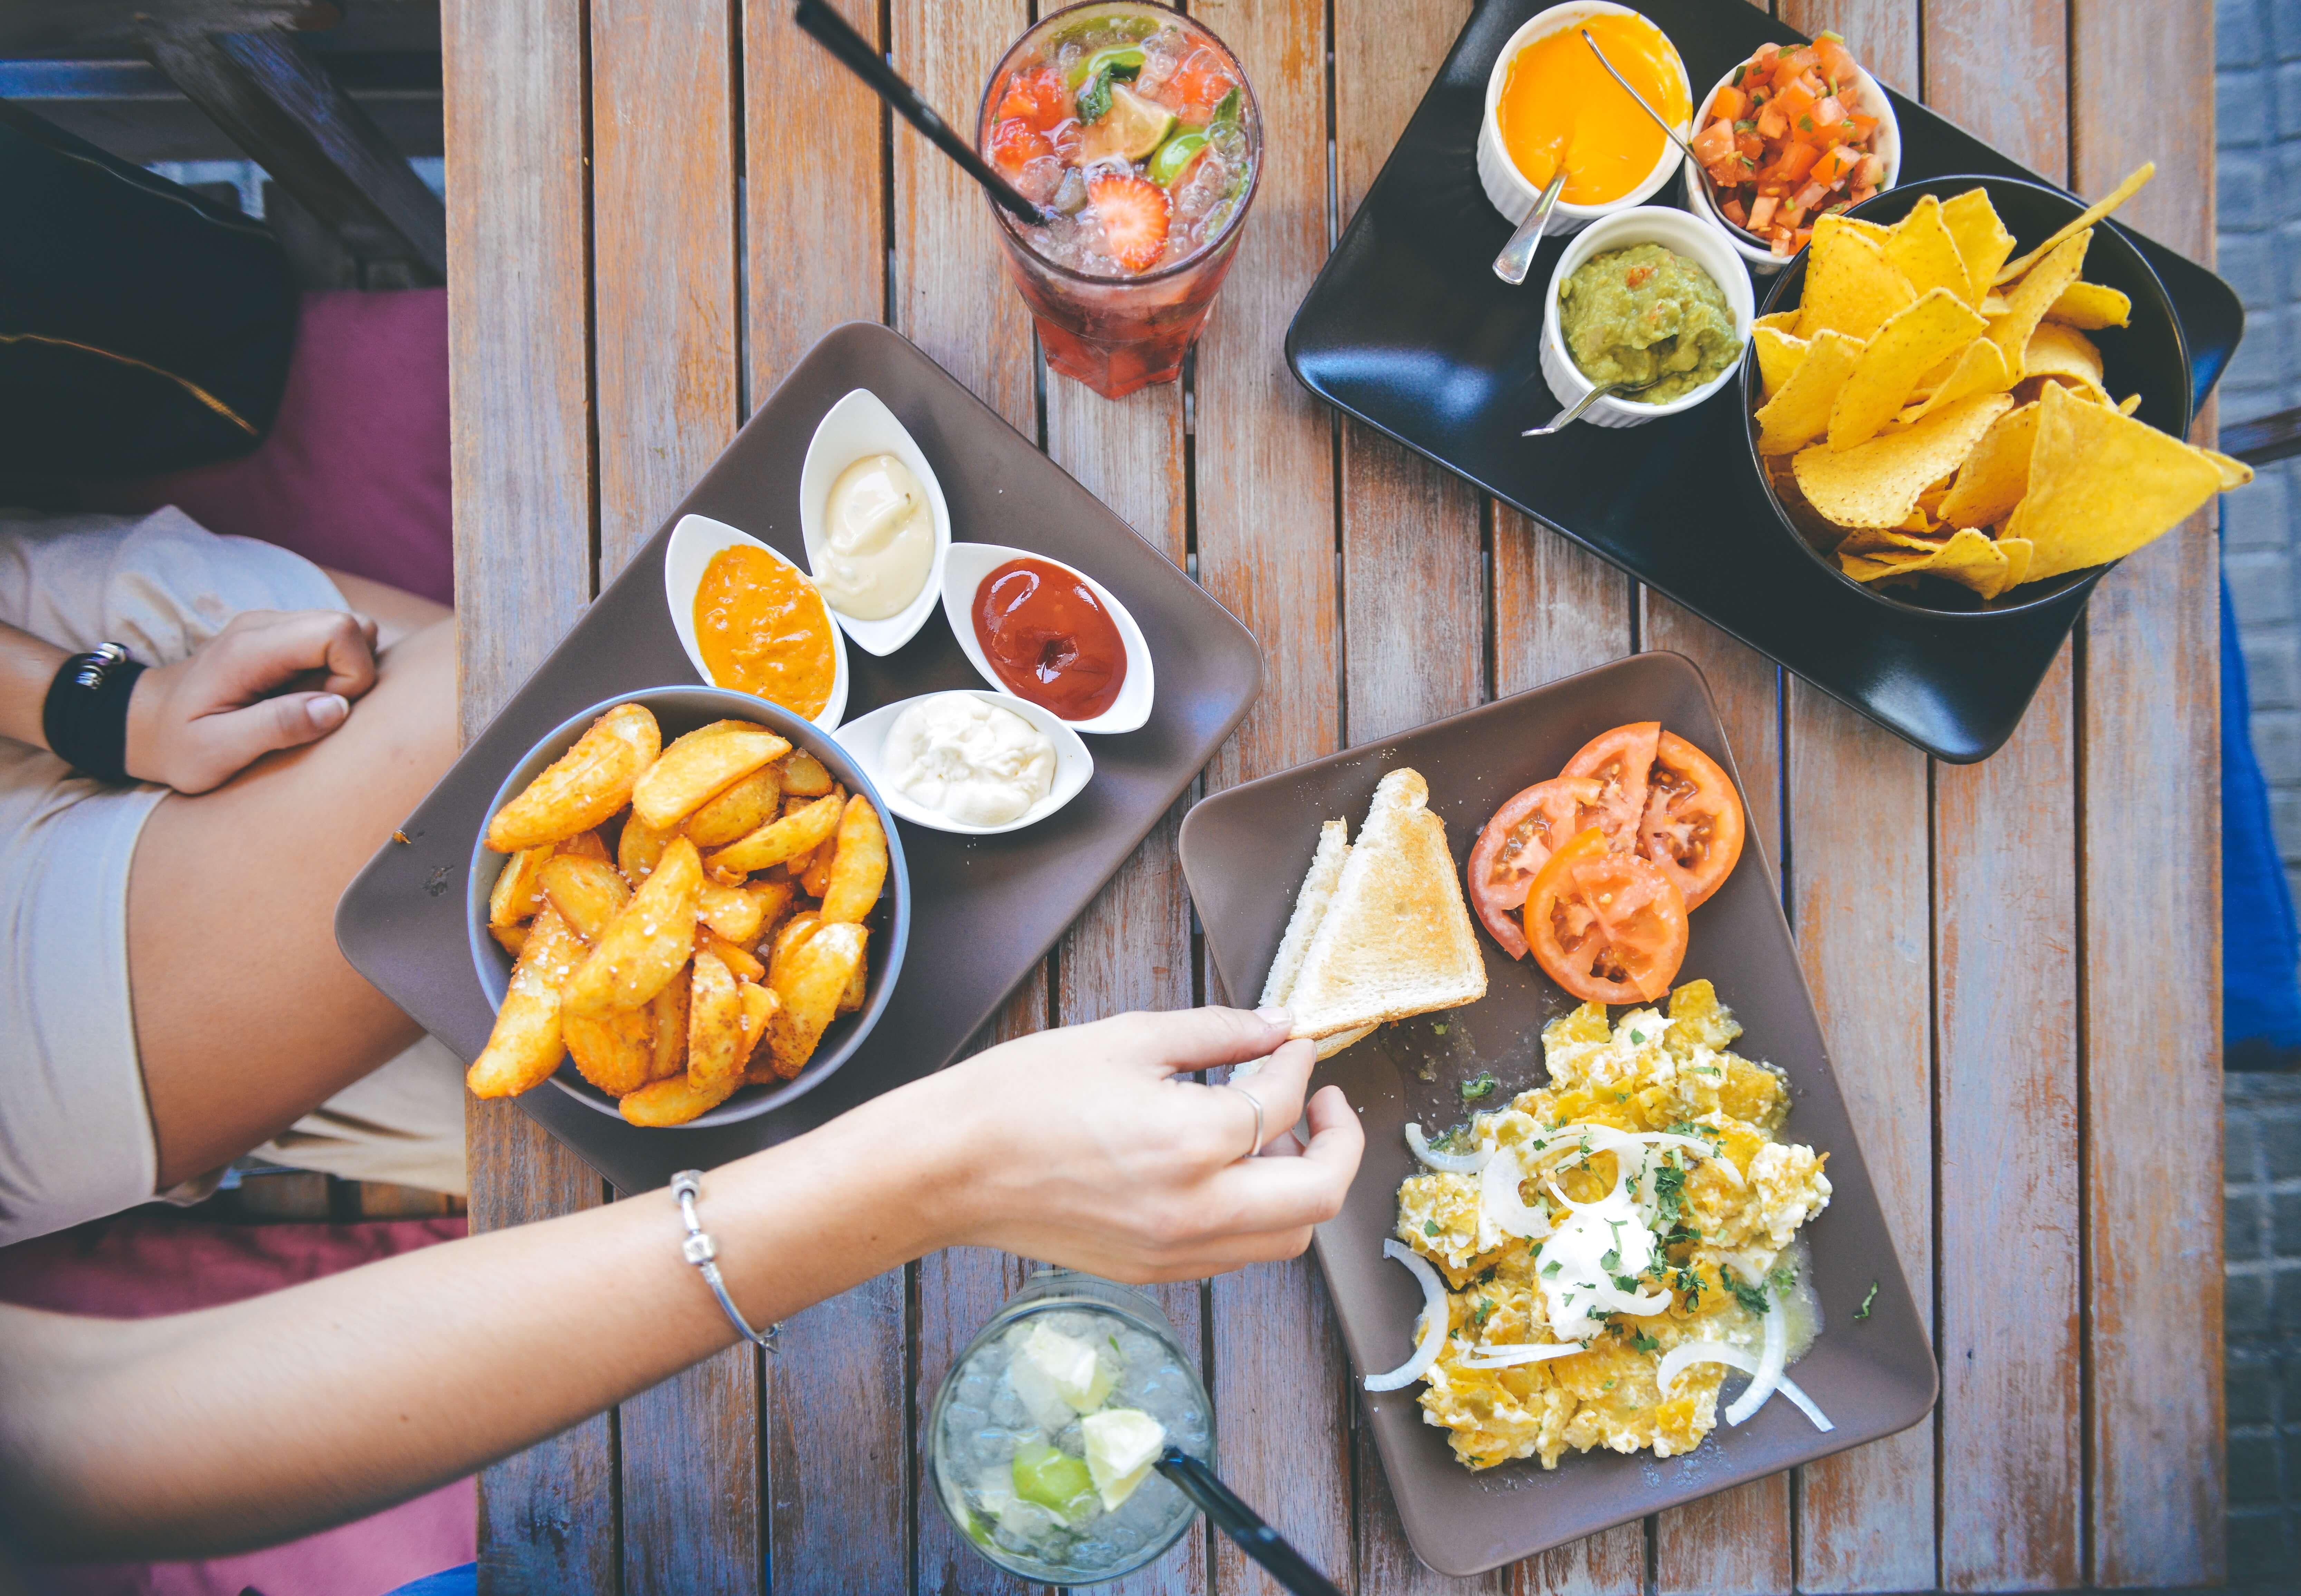 DIETA E FAME: LE VARIANTI GENETICHE CHE NON LASCIANO SCAMPO